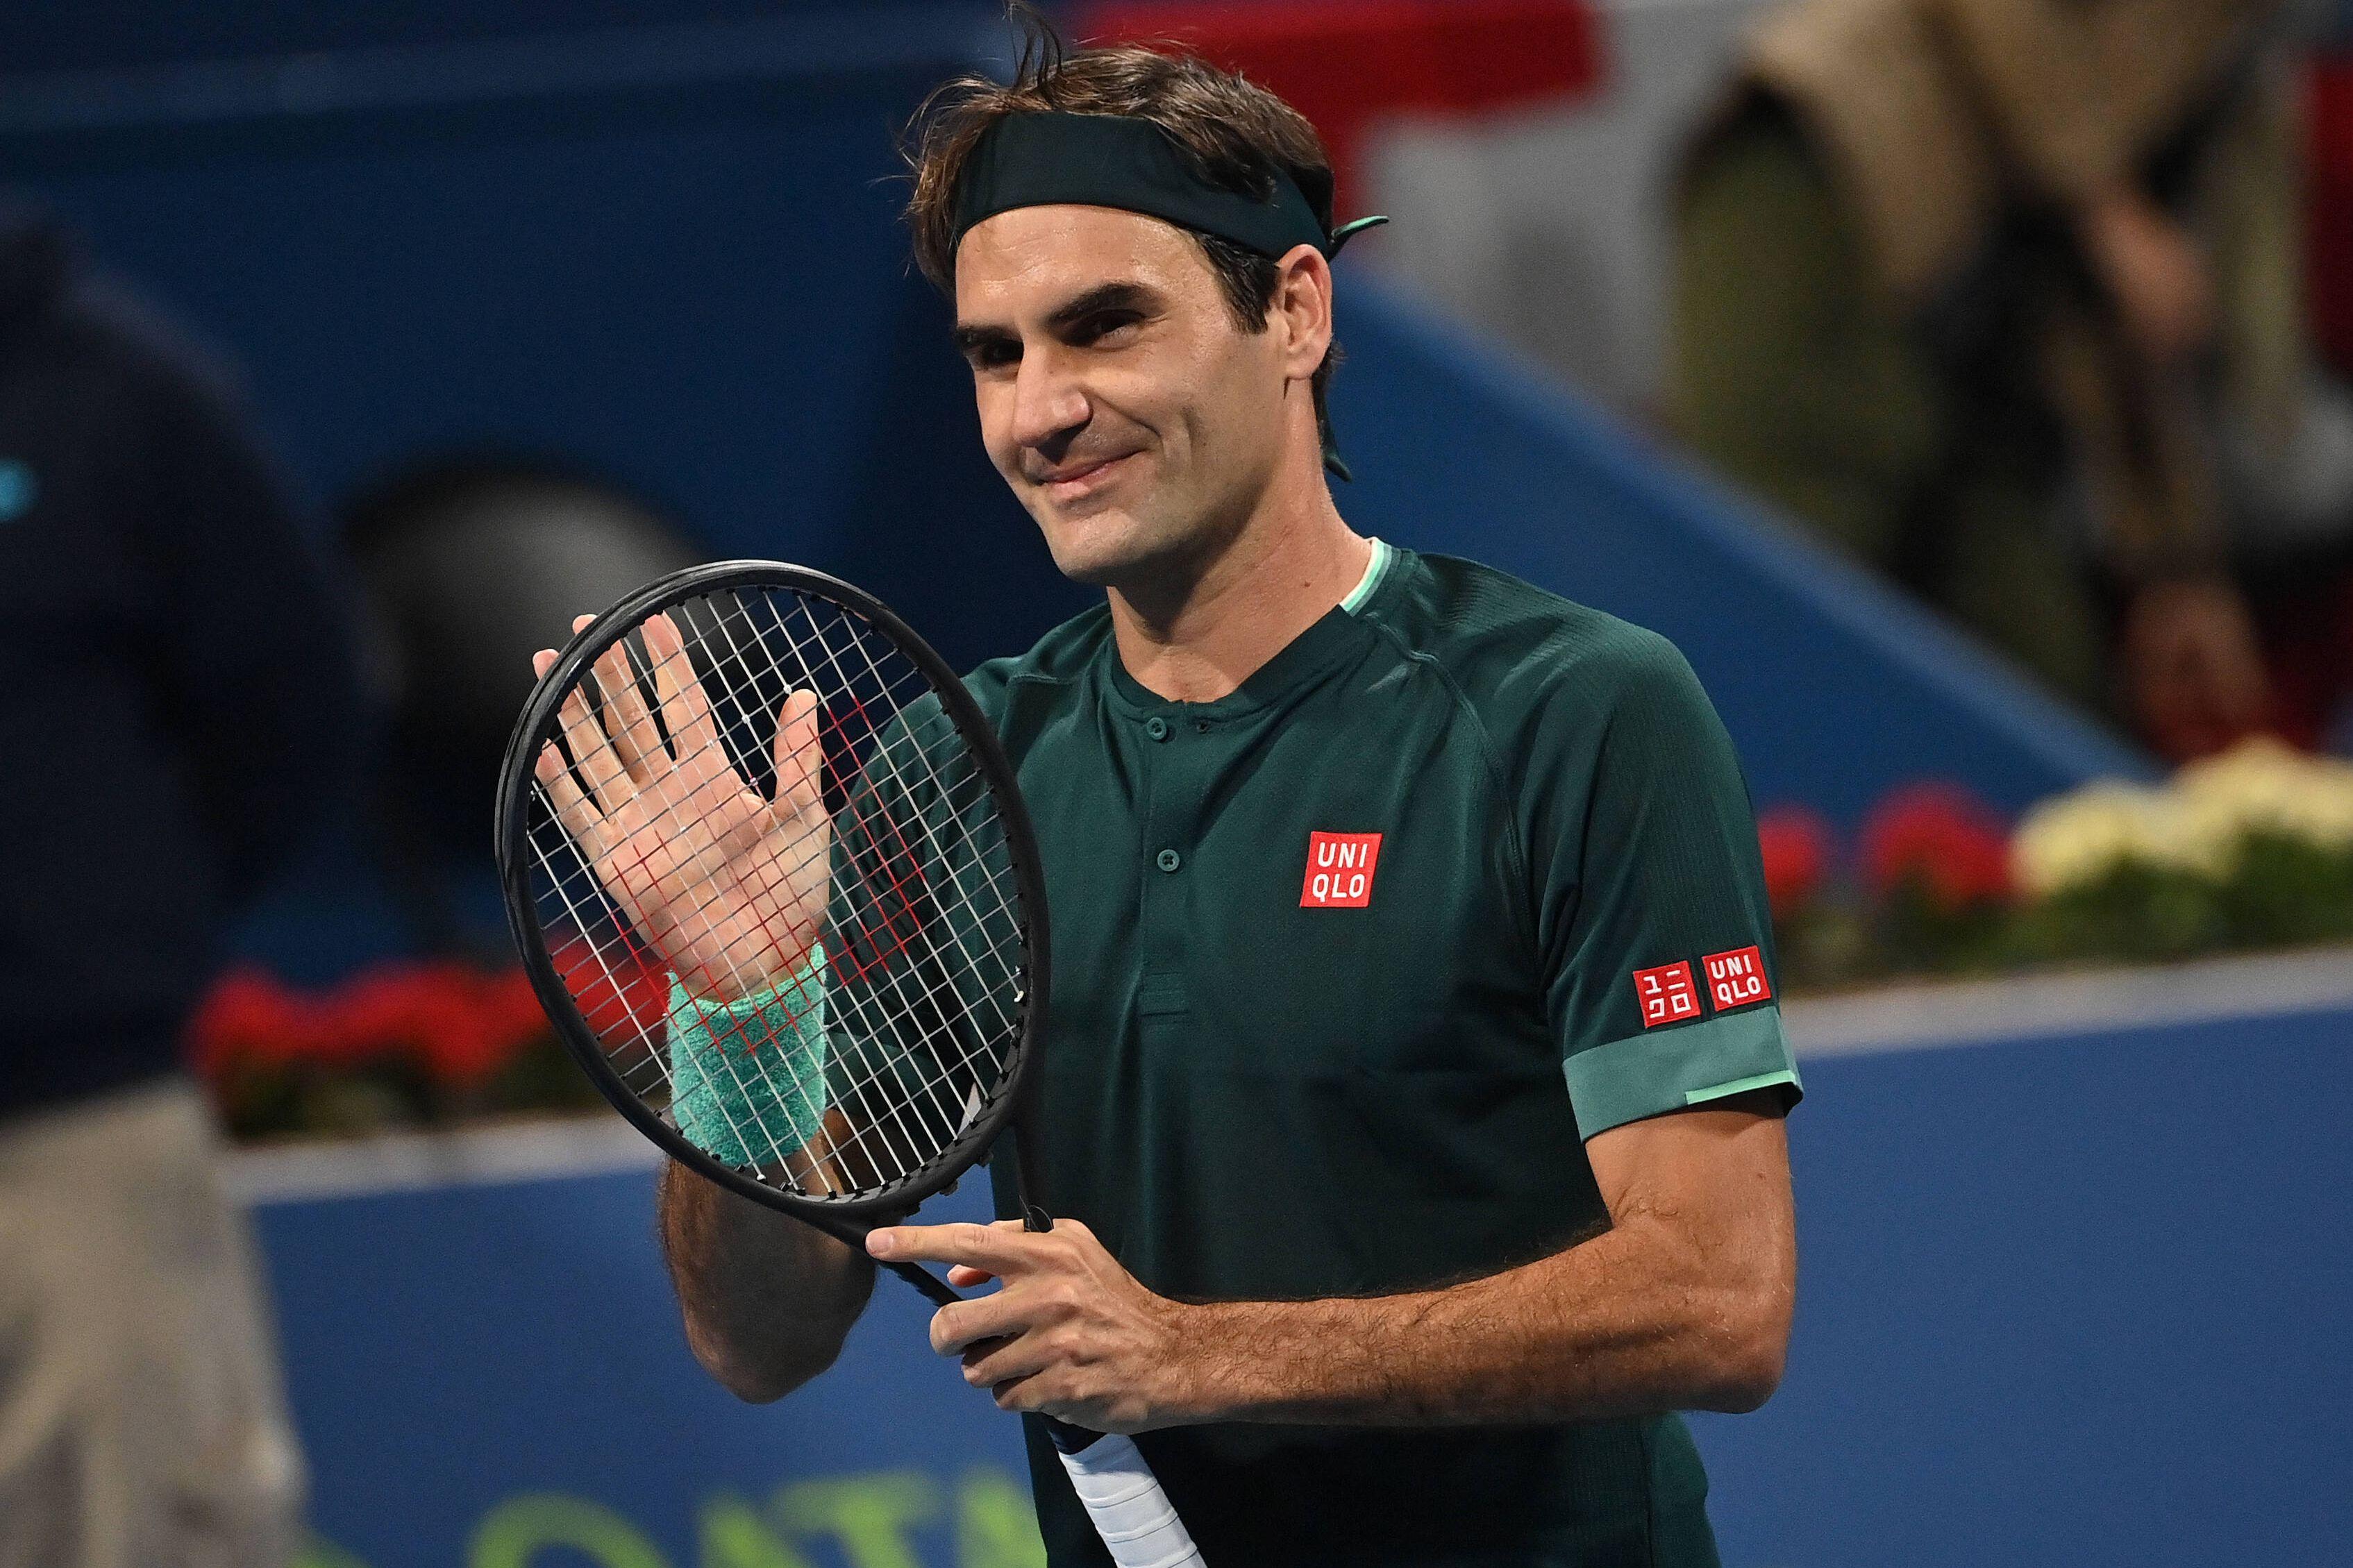 Басилашвили эмоционально отреагировал на волевую победу над Федерером на турнире в Дохе